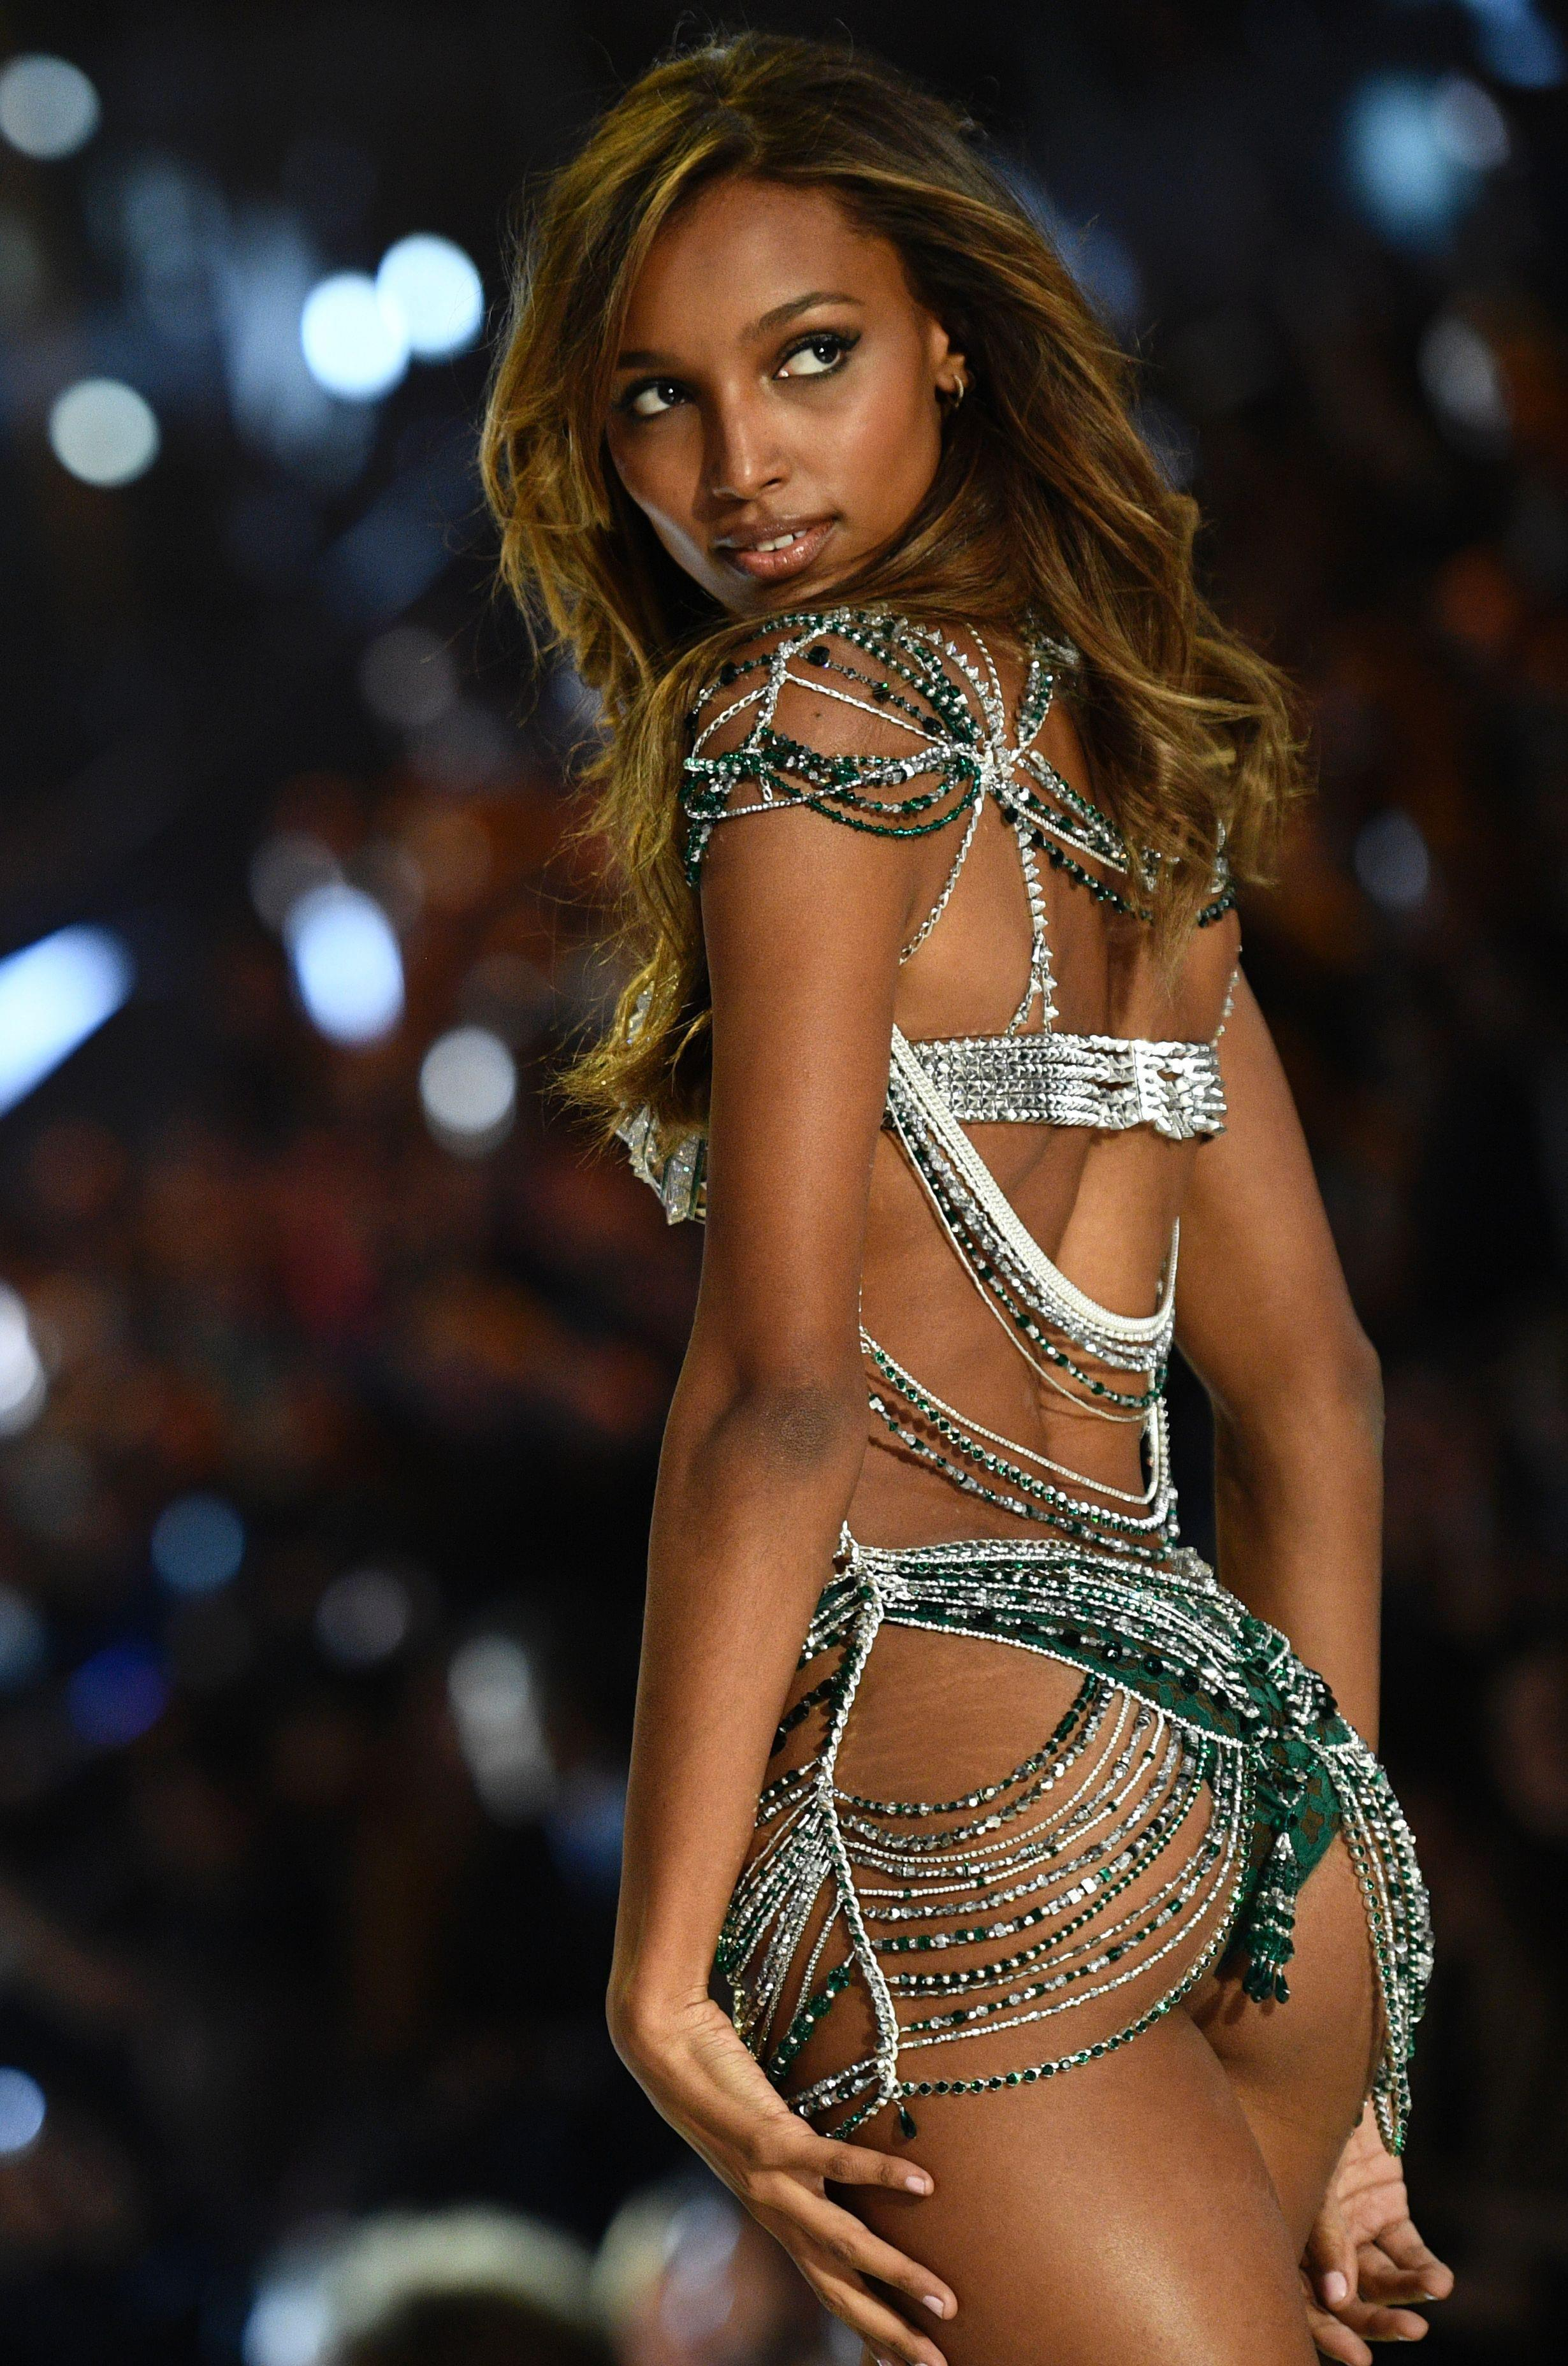 b803277382f1cd Victoria's Secret biustonosz za 3 miliony dolarów